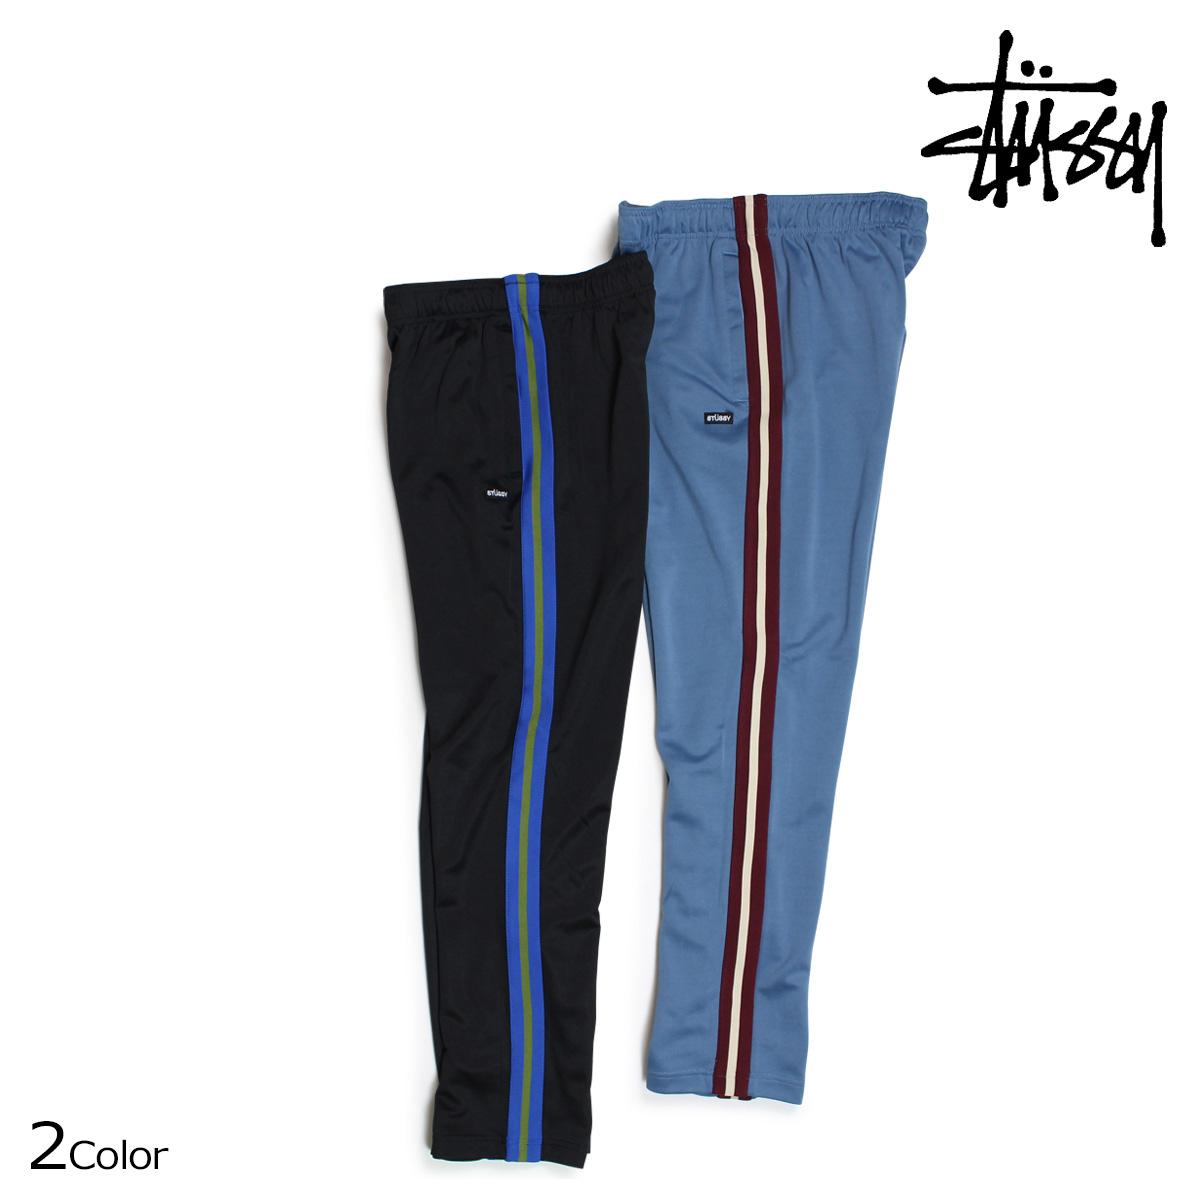 STUSSY ステューシー パンツ メンズ トラックパンツ POLY TRACK PANT ブラック ブルー 116348 【決算セール 返品不可】